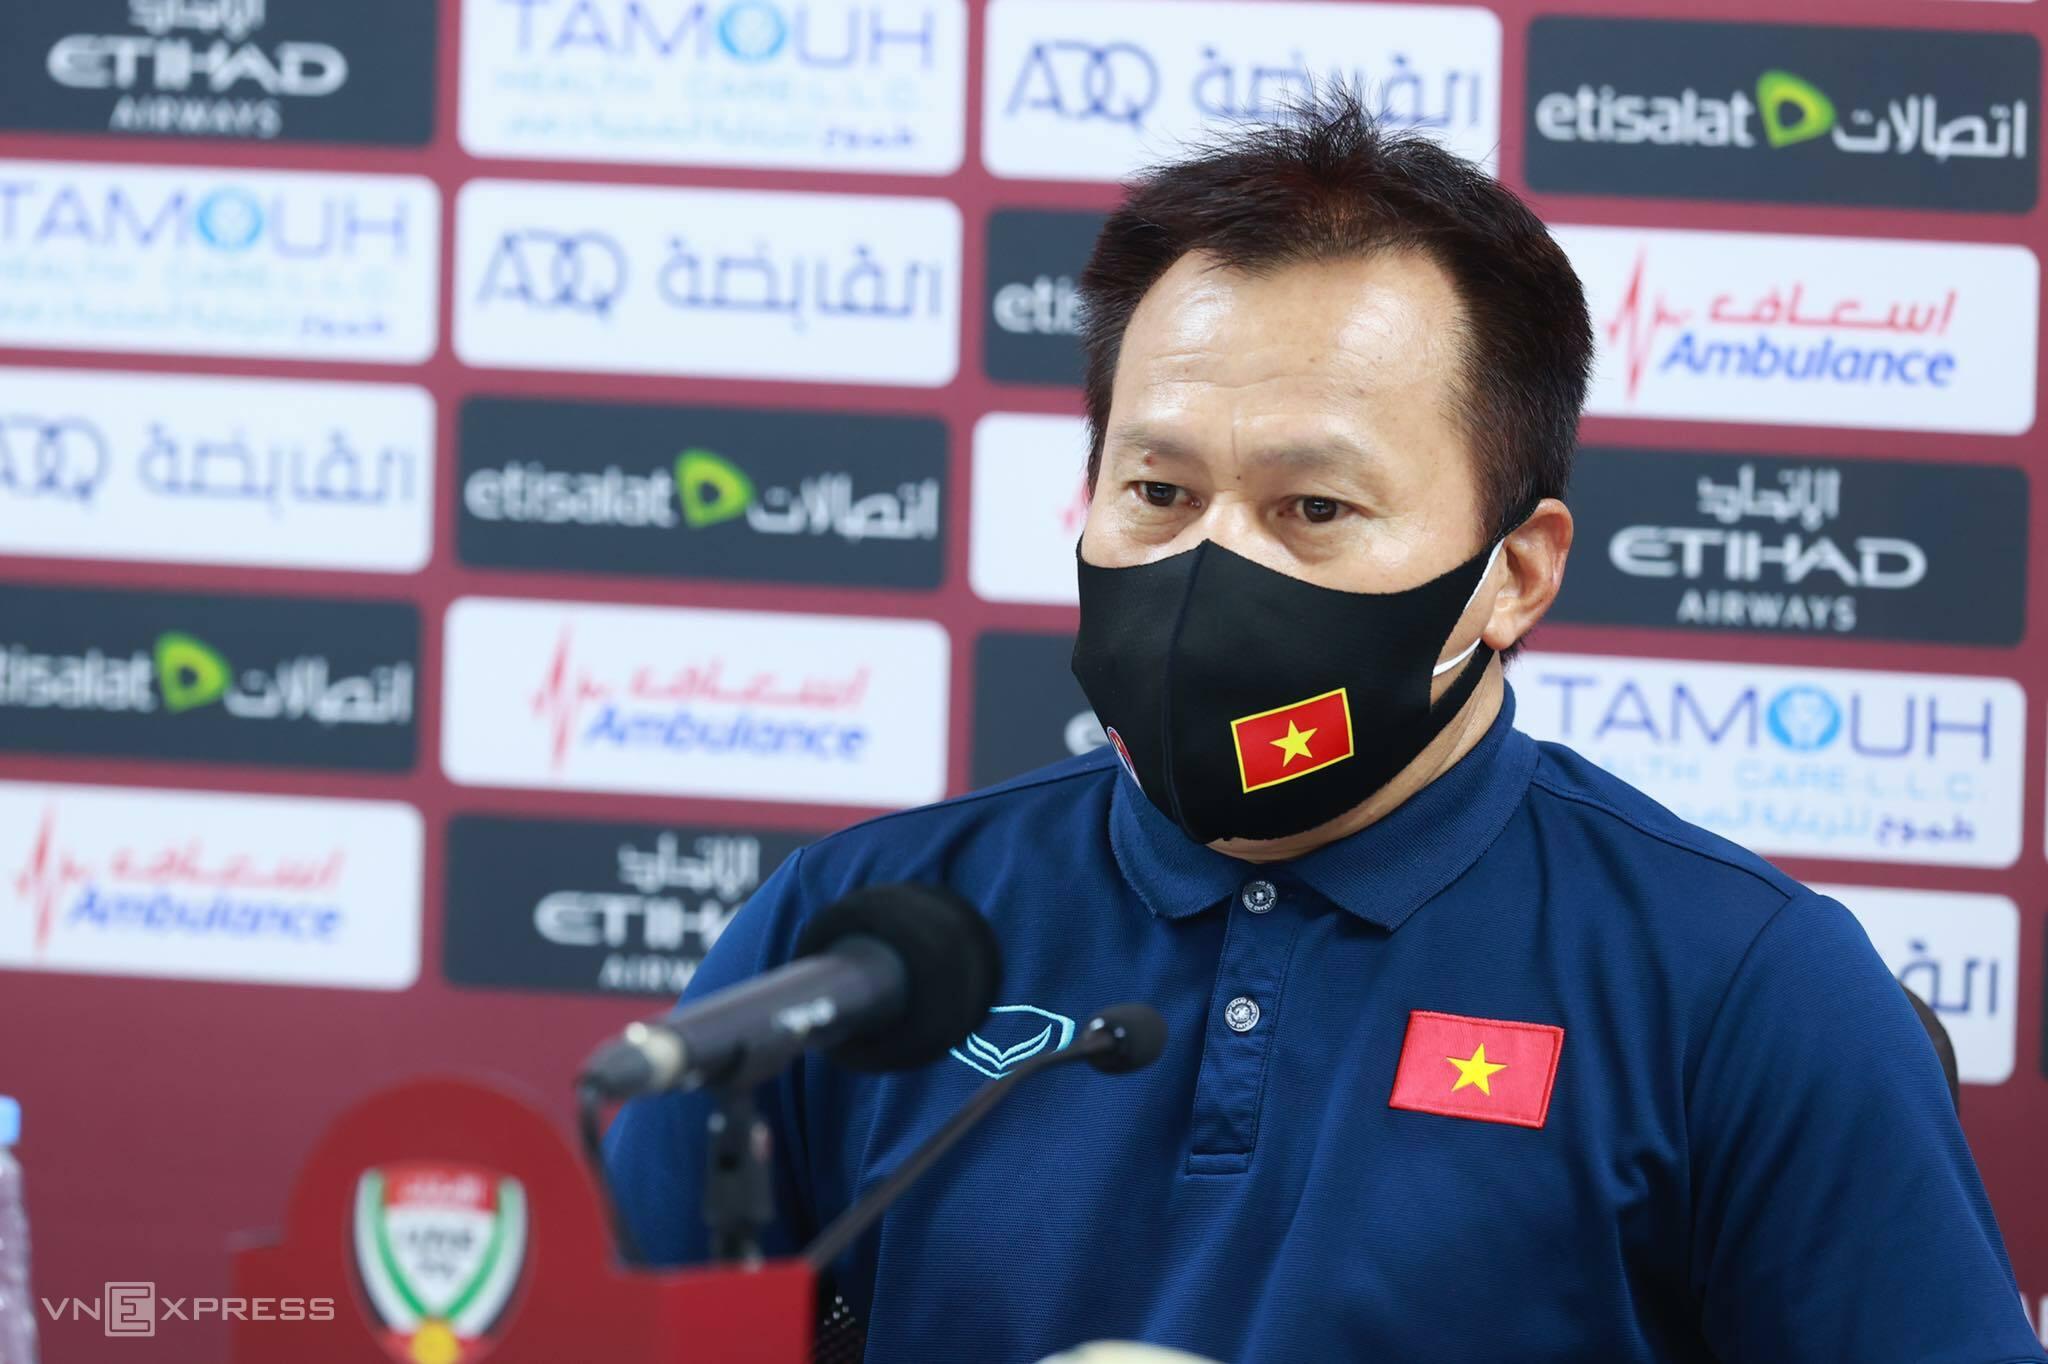 Asisten pelatih Lu Dinh Tuan menjawab konferensi pers setelah pertandingan melawan UEA di Stadion Zabeel.  Foto: Lam Thoa.